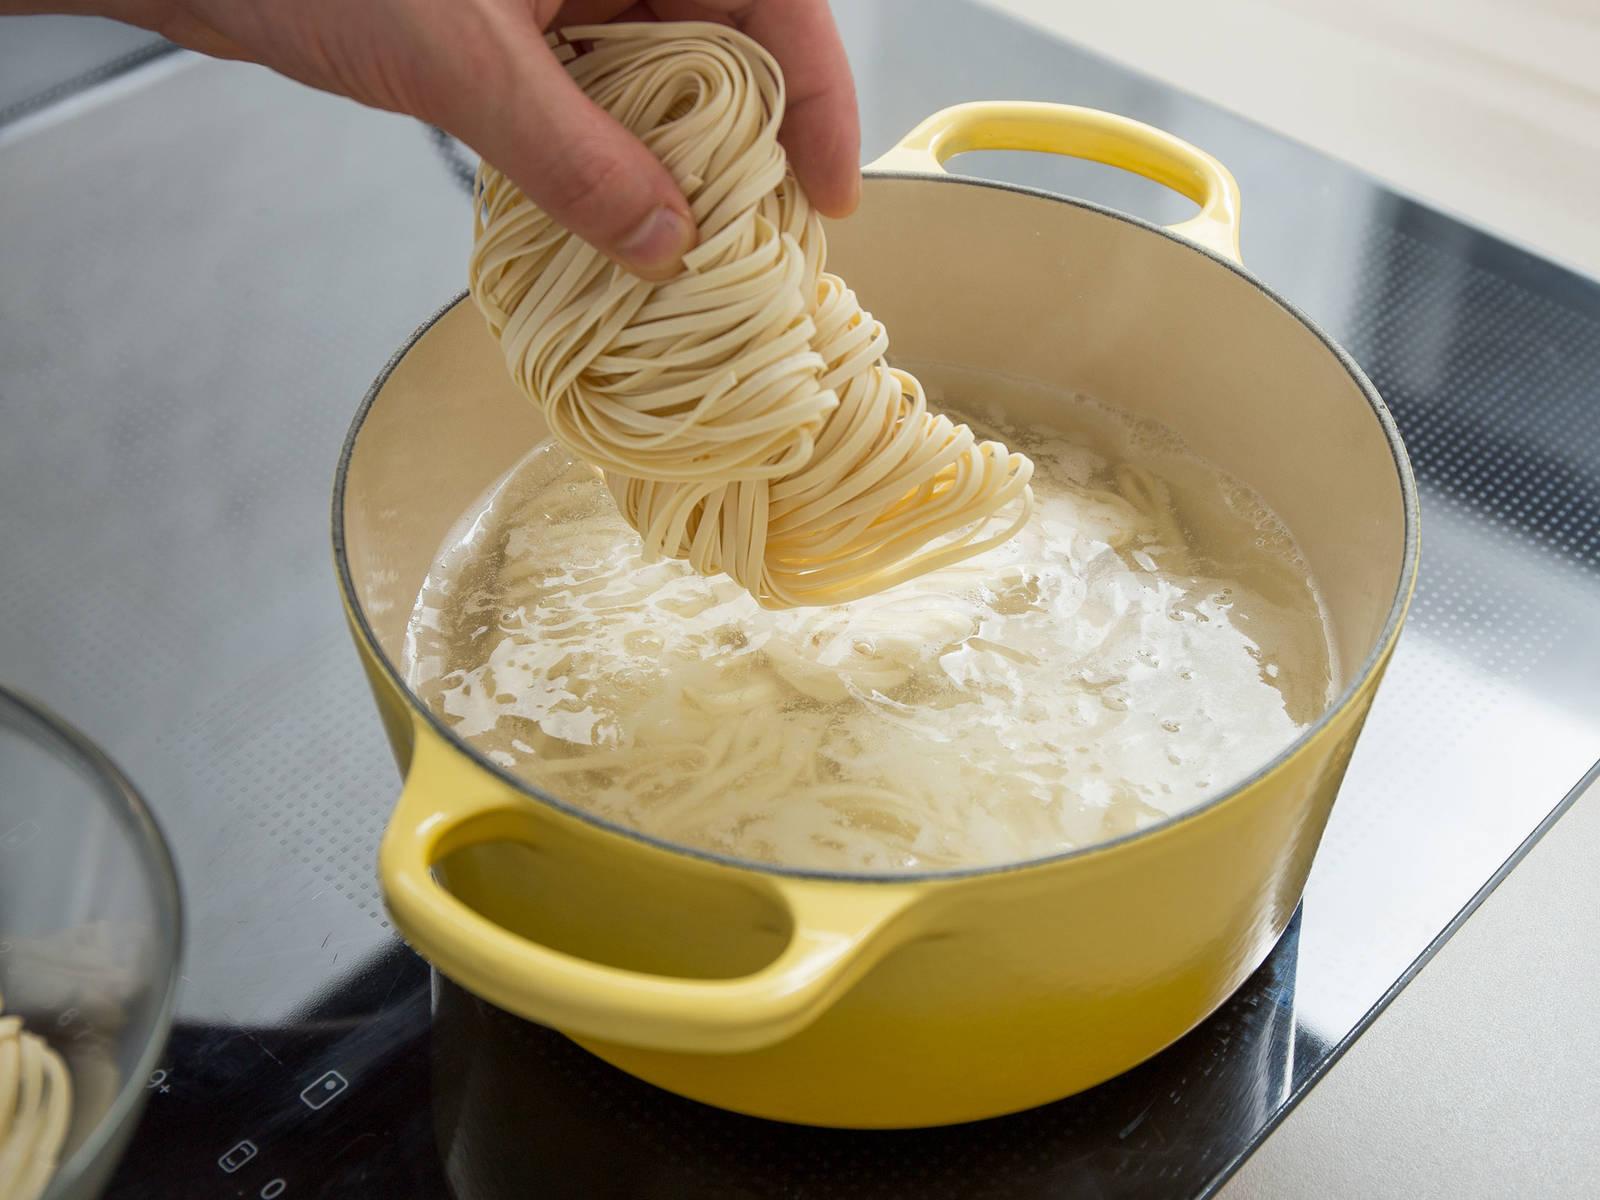 Wasser in einem großen Topf zum Kochen bringen. Eiernudeln dazugeben und ca. 6 - 8 Min. kochen, oder bis die Nudeln al dente sind. Abgießen und in einer Schüssel mit kaltem Wasser beiseitestellen.